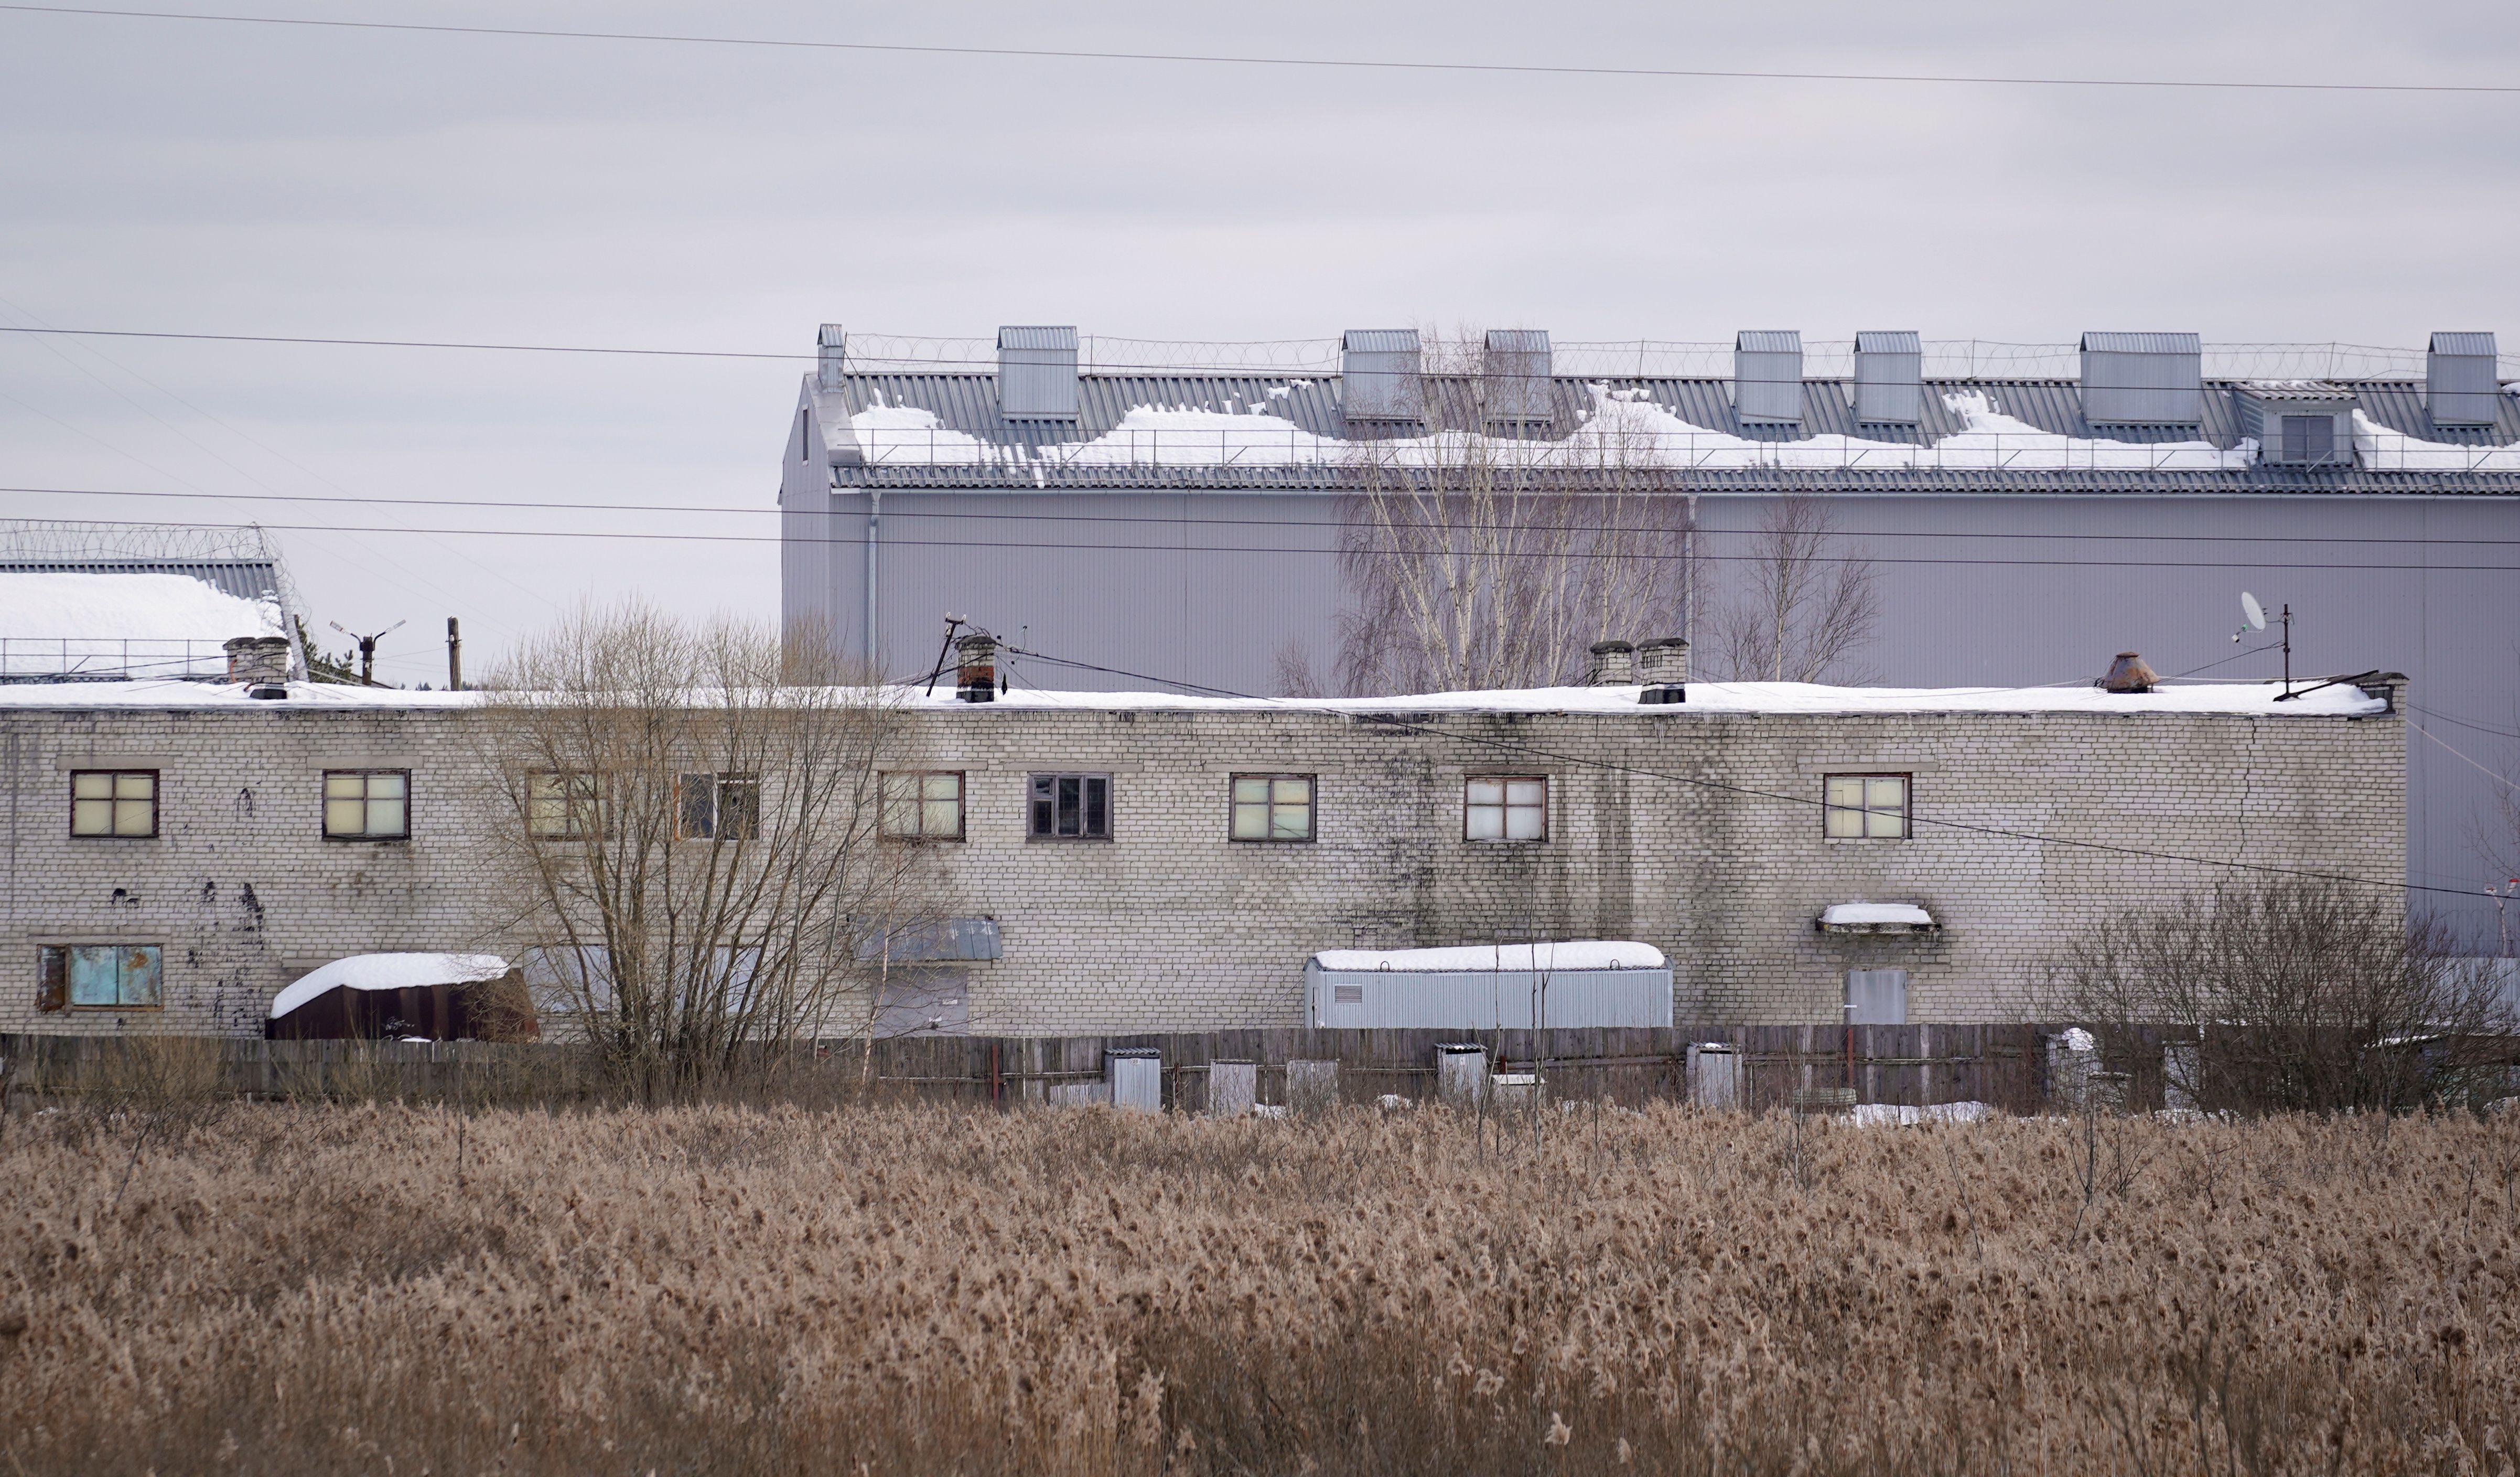 El centro penal en el que Navalny está cumpliendo su condena (REUTERS/Tatyana Makeyeva)